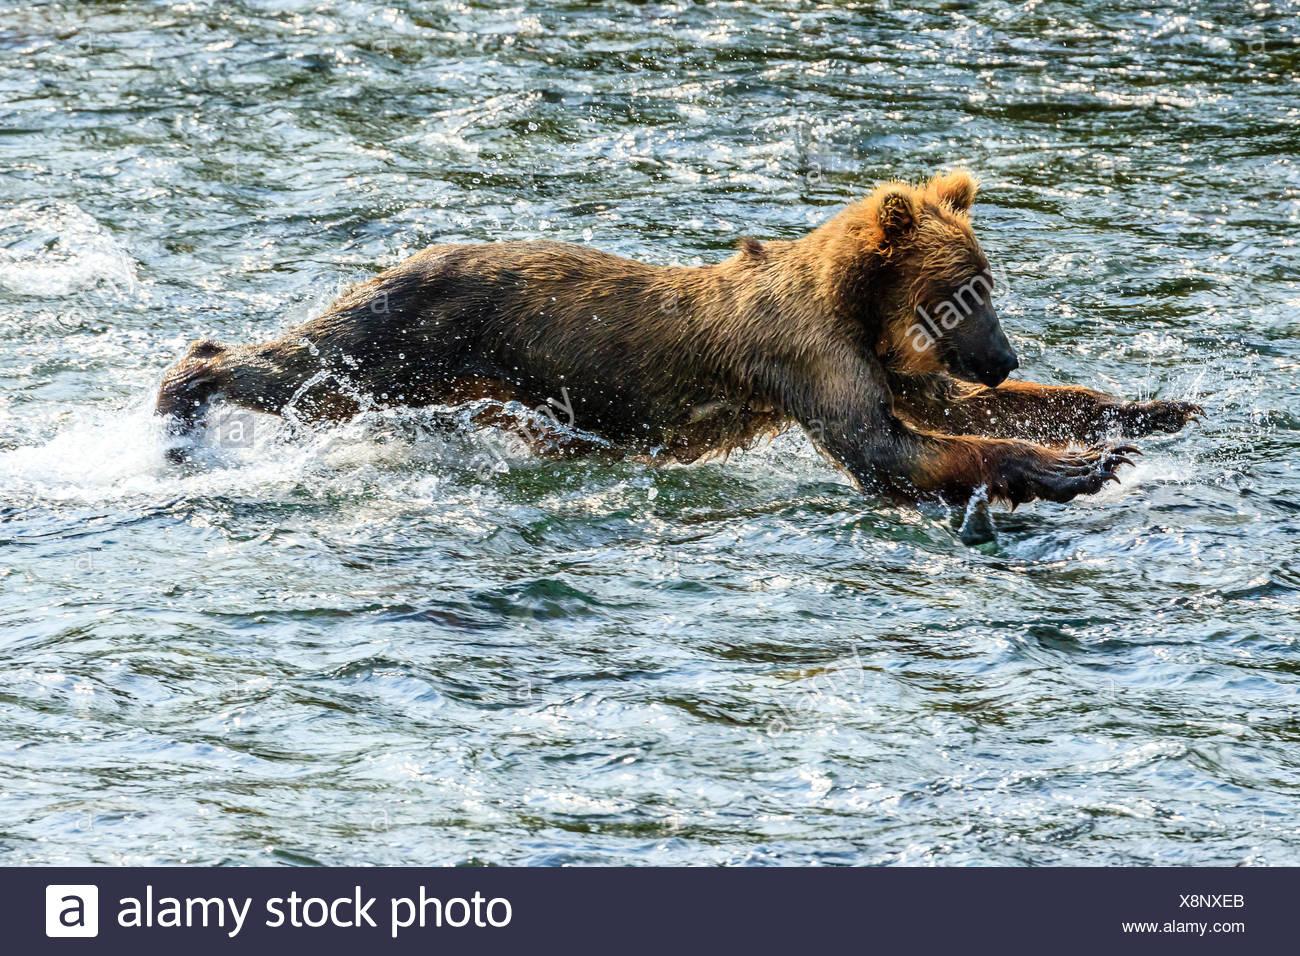 Les jeunes ours brun, Ursus arctos, la pêche au saumon ci-dessous Brooks Falls. Photo Stock